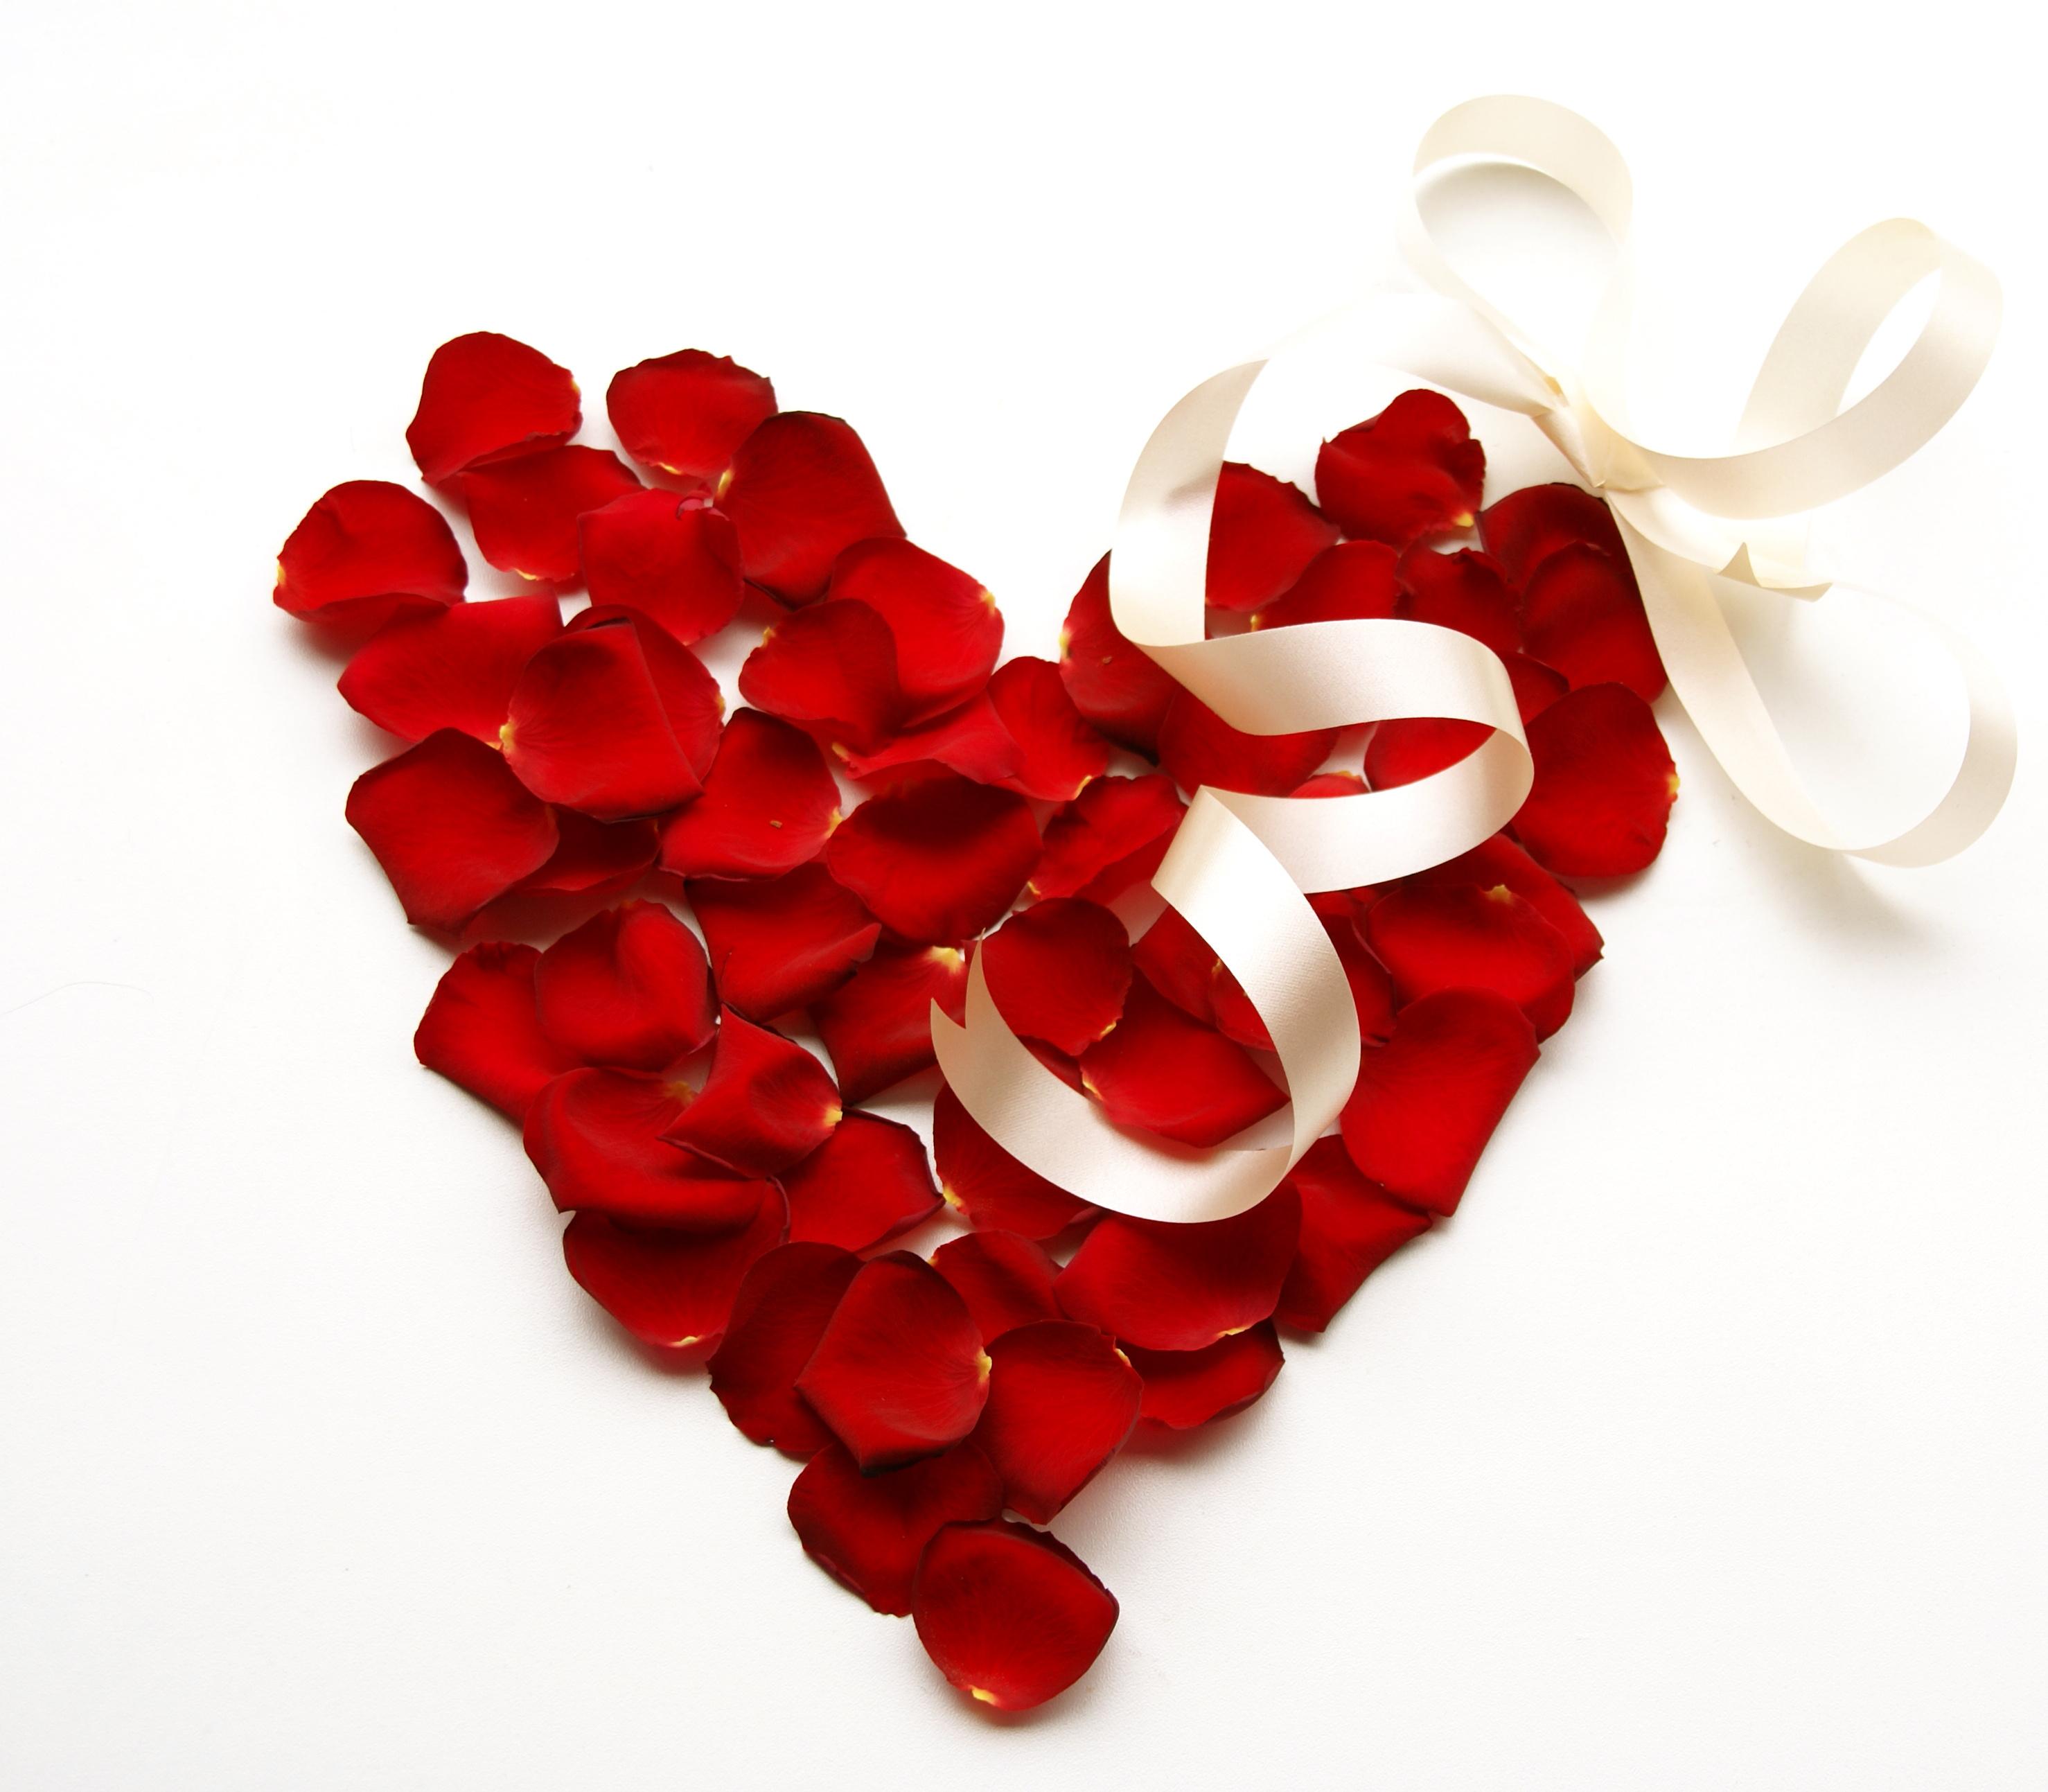 commander des cadeaux originaux pour la saint-valentin? - igo-post blog